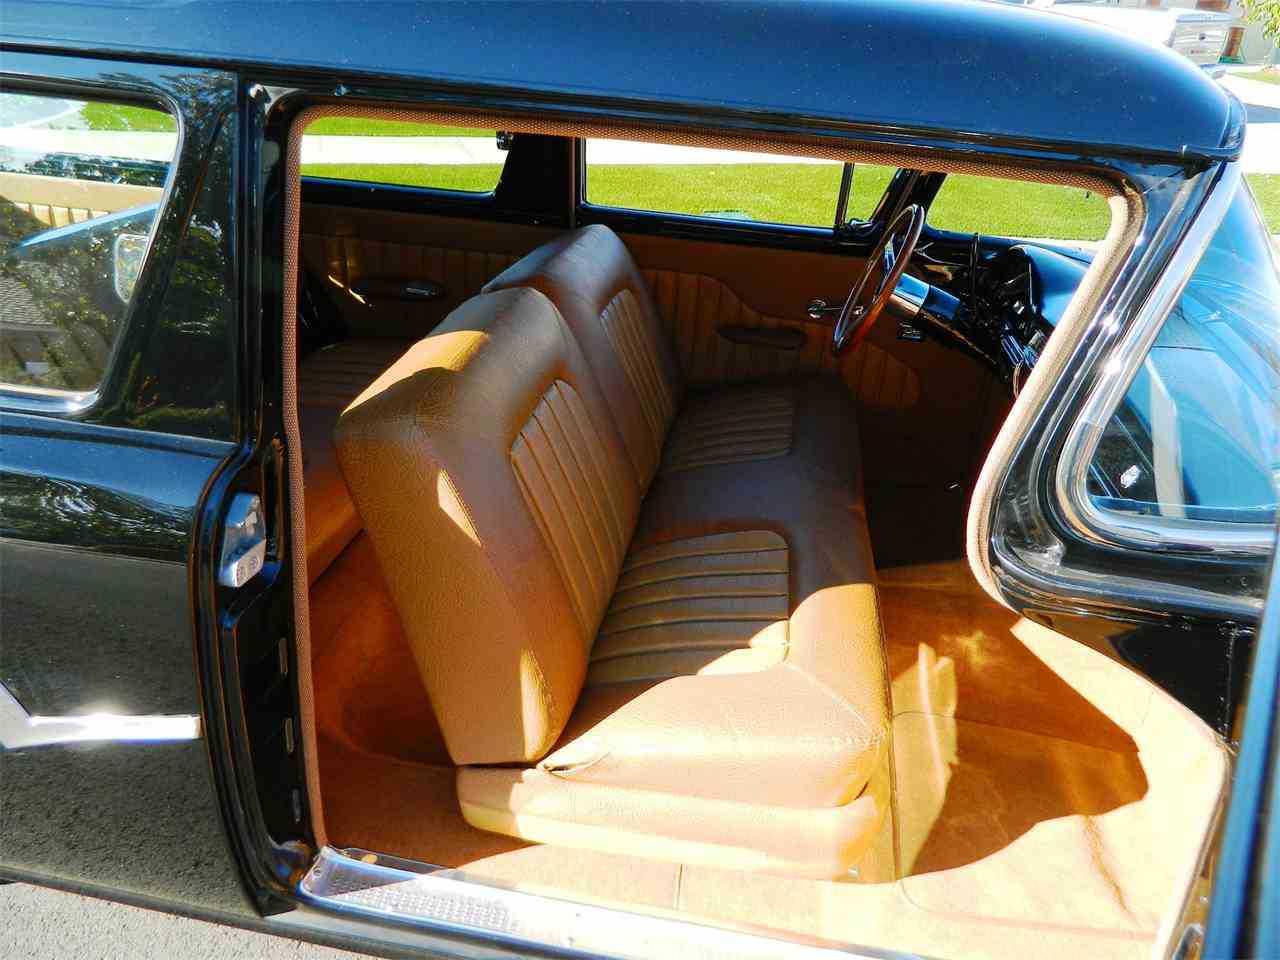 1957 Ford del rio for sale in Orange, CA |